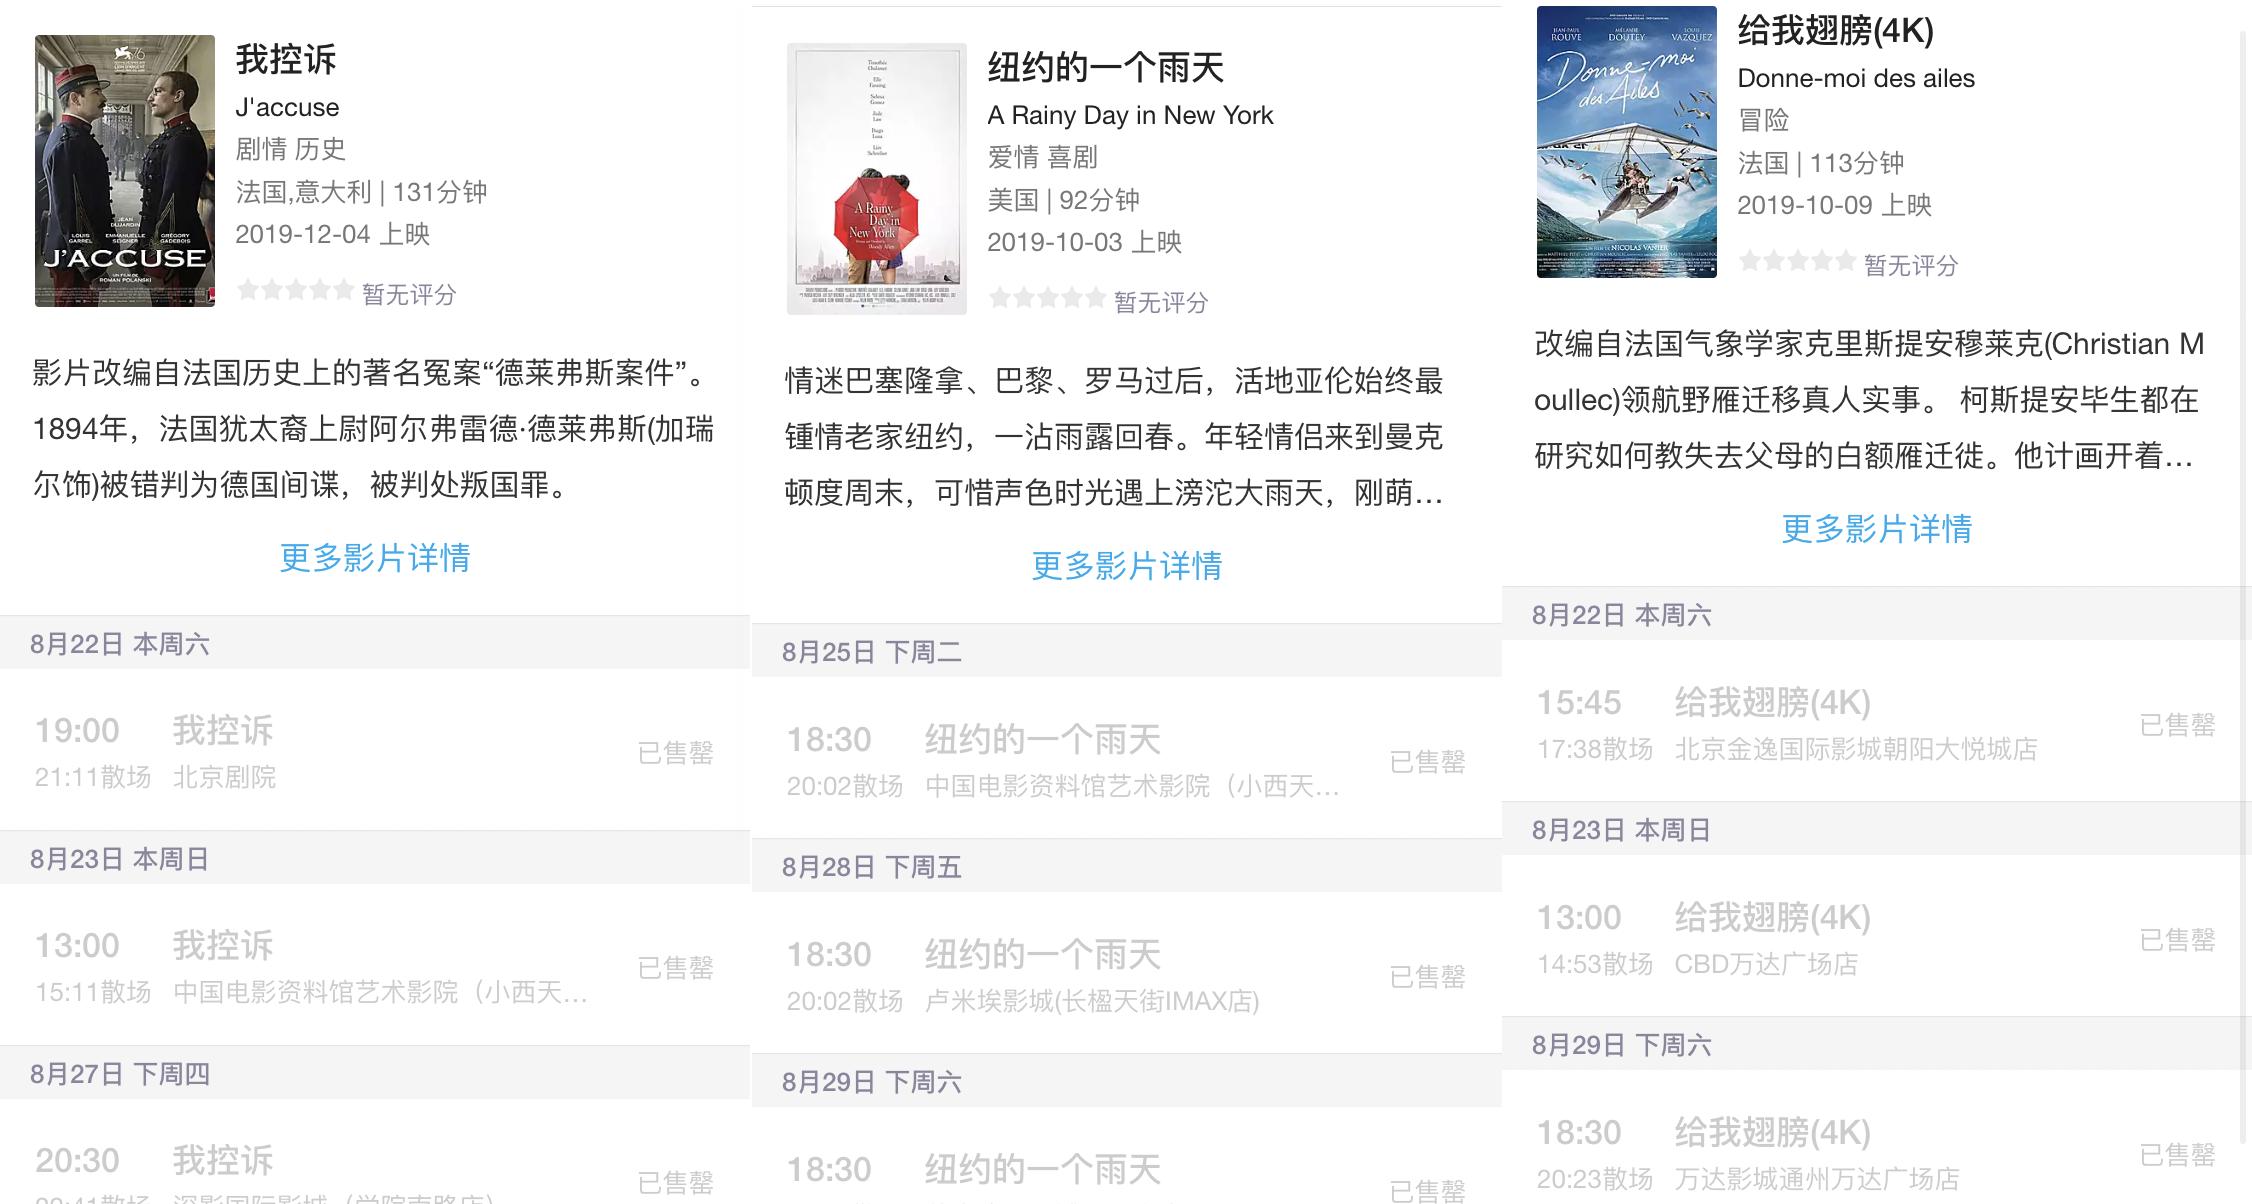 拼手速!北影节北京展映开票,十分钟售票率72%